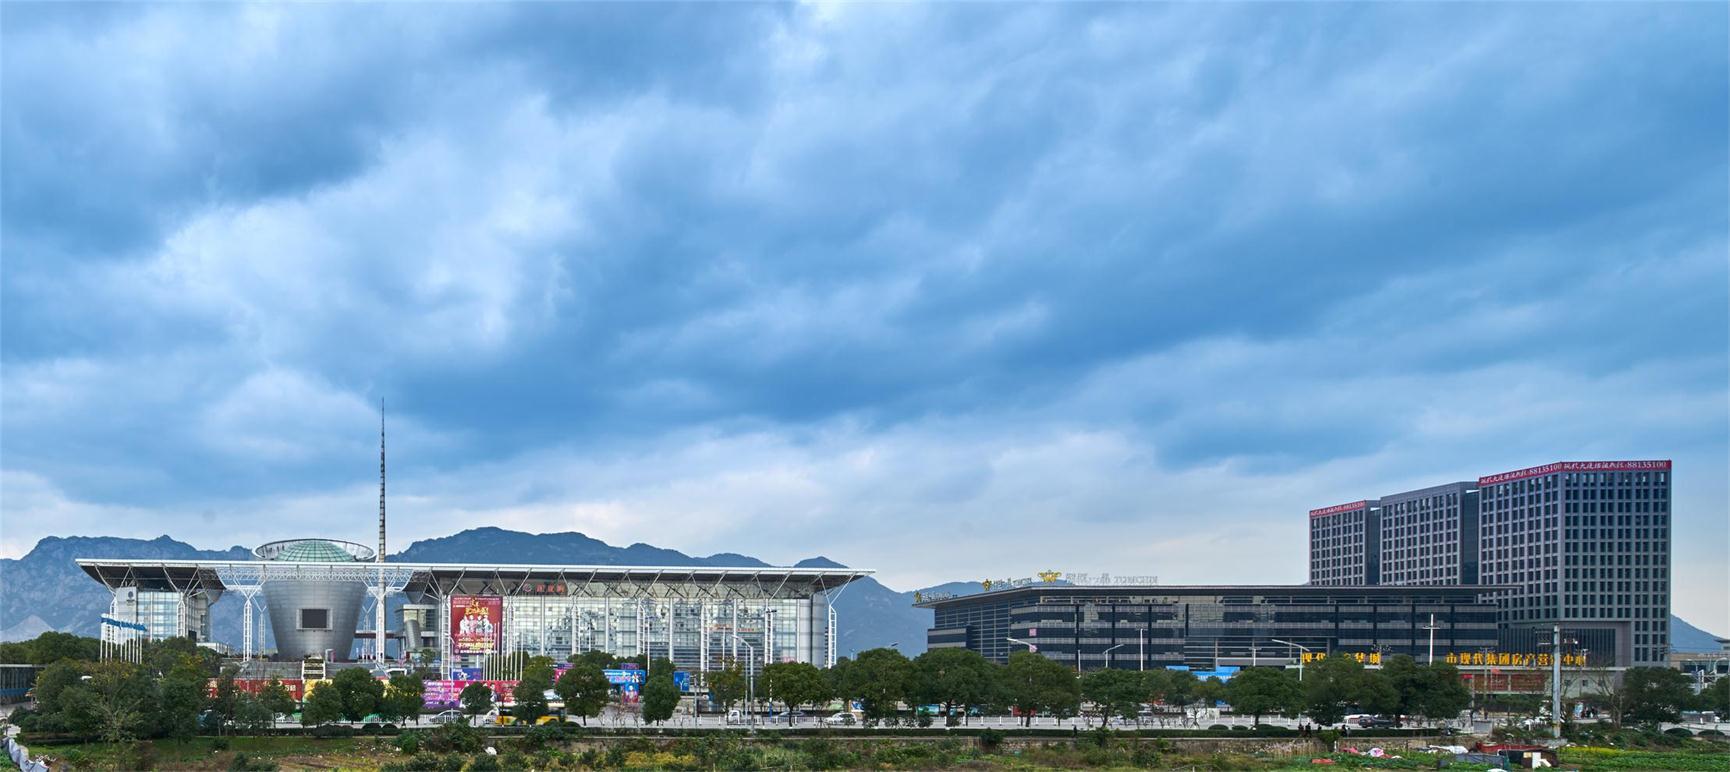 2018温州时尚博览会30000m2展区,数万时尚展品,等你PICK!944g.com